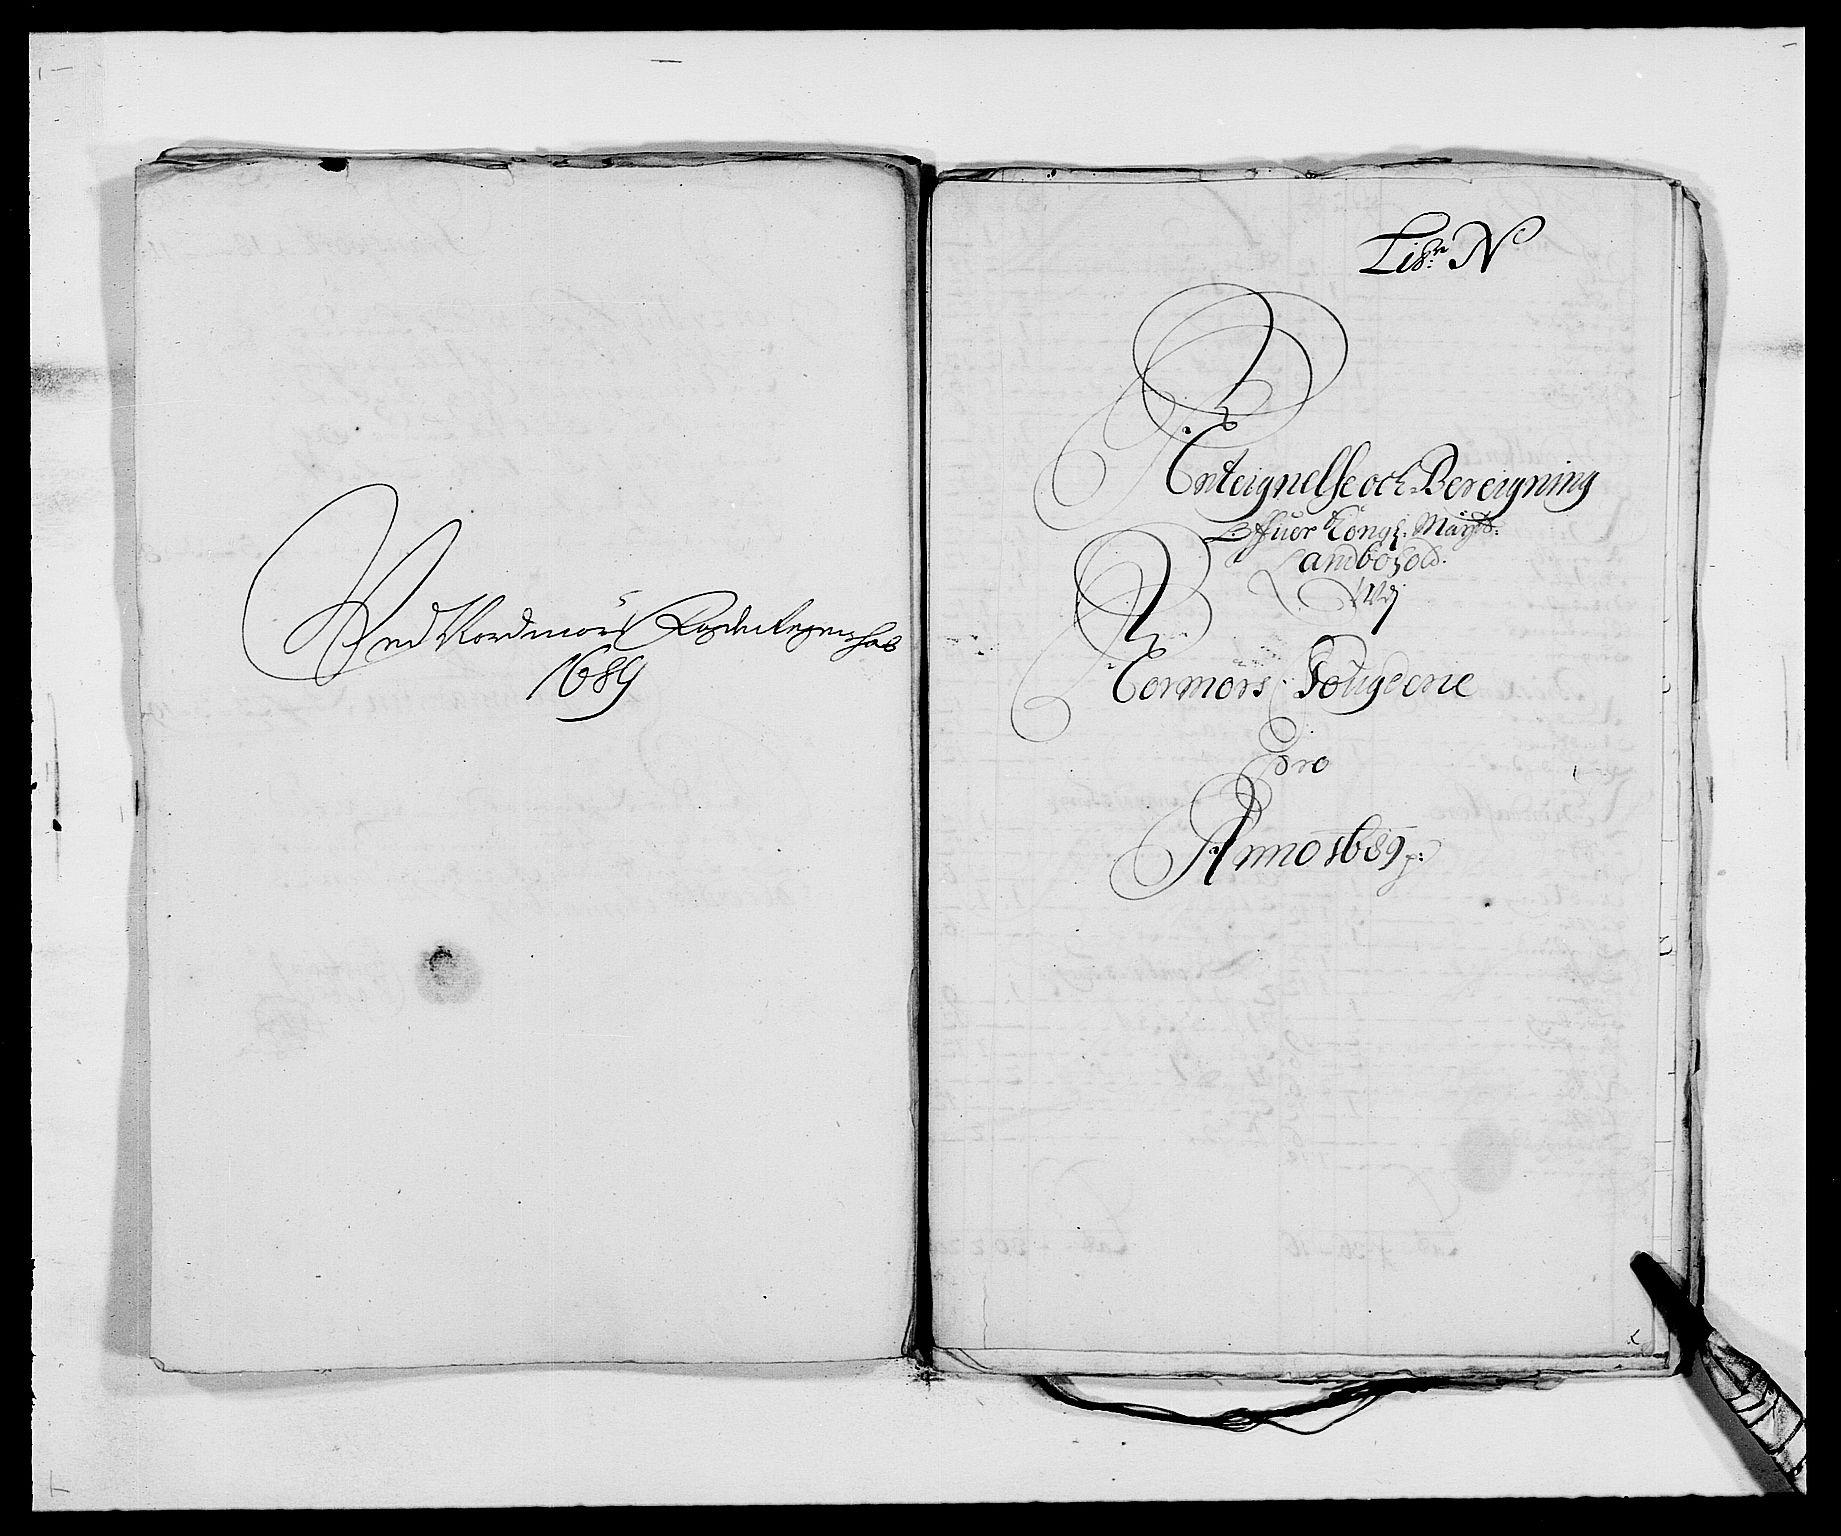 RA, Rentekammeret inntil 1814, Reviderte regnskaper, Fogderegnskap, R56/L3733: Fogderegnskap Nordmøre, 1687-1689, s. 452